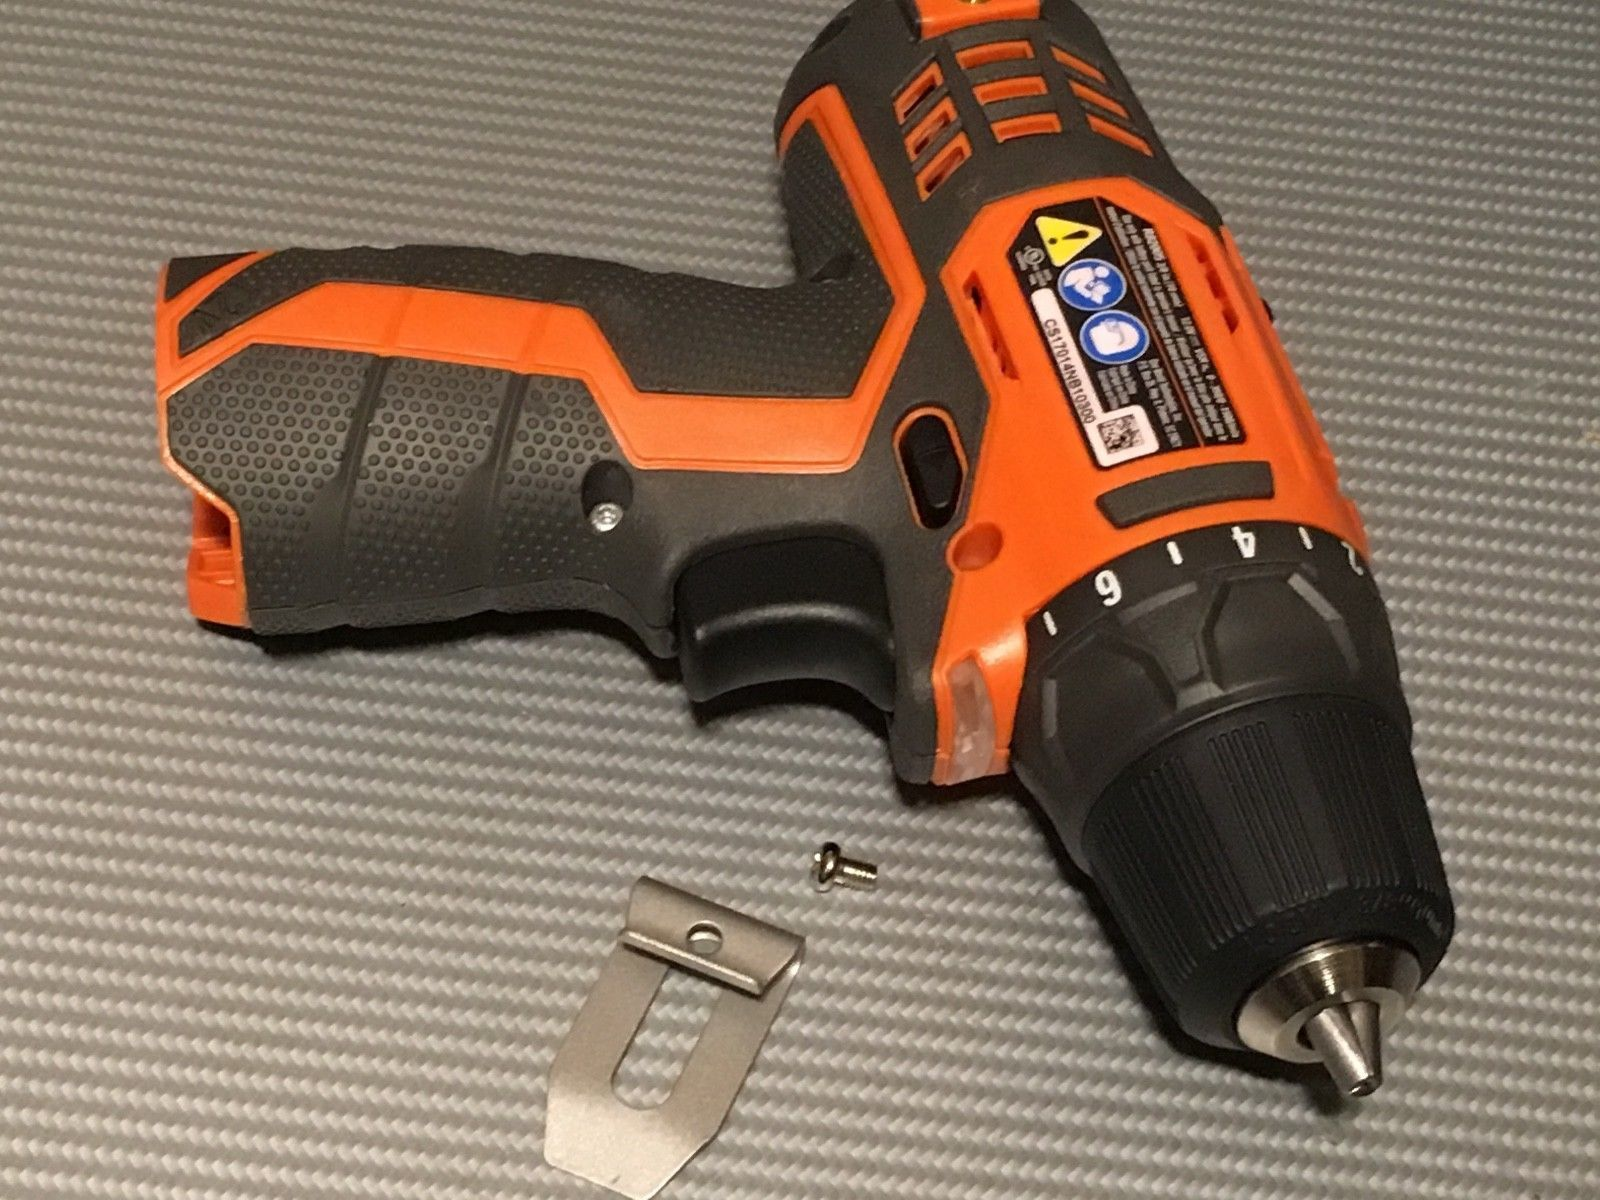 RIDGID R82005 12v Lithium-Ion Sub-Compact Drill-Driver ,R82005 ,Bare Tool